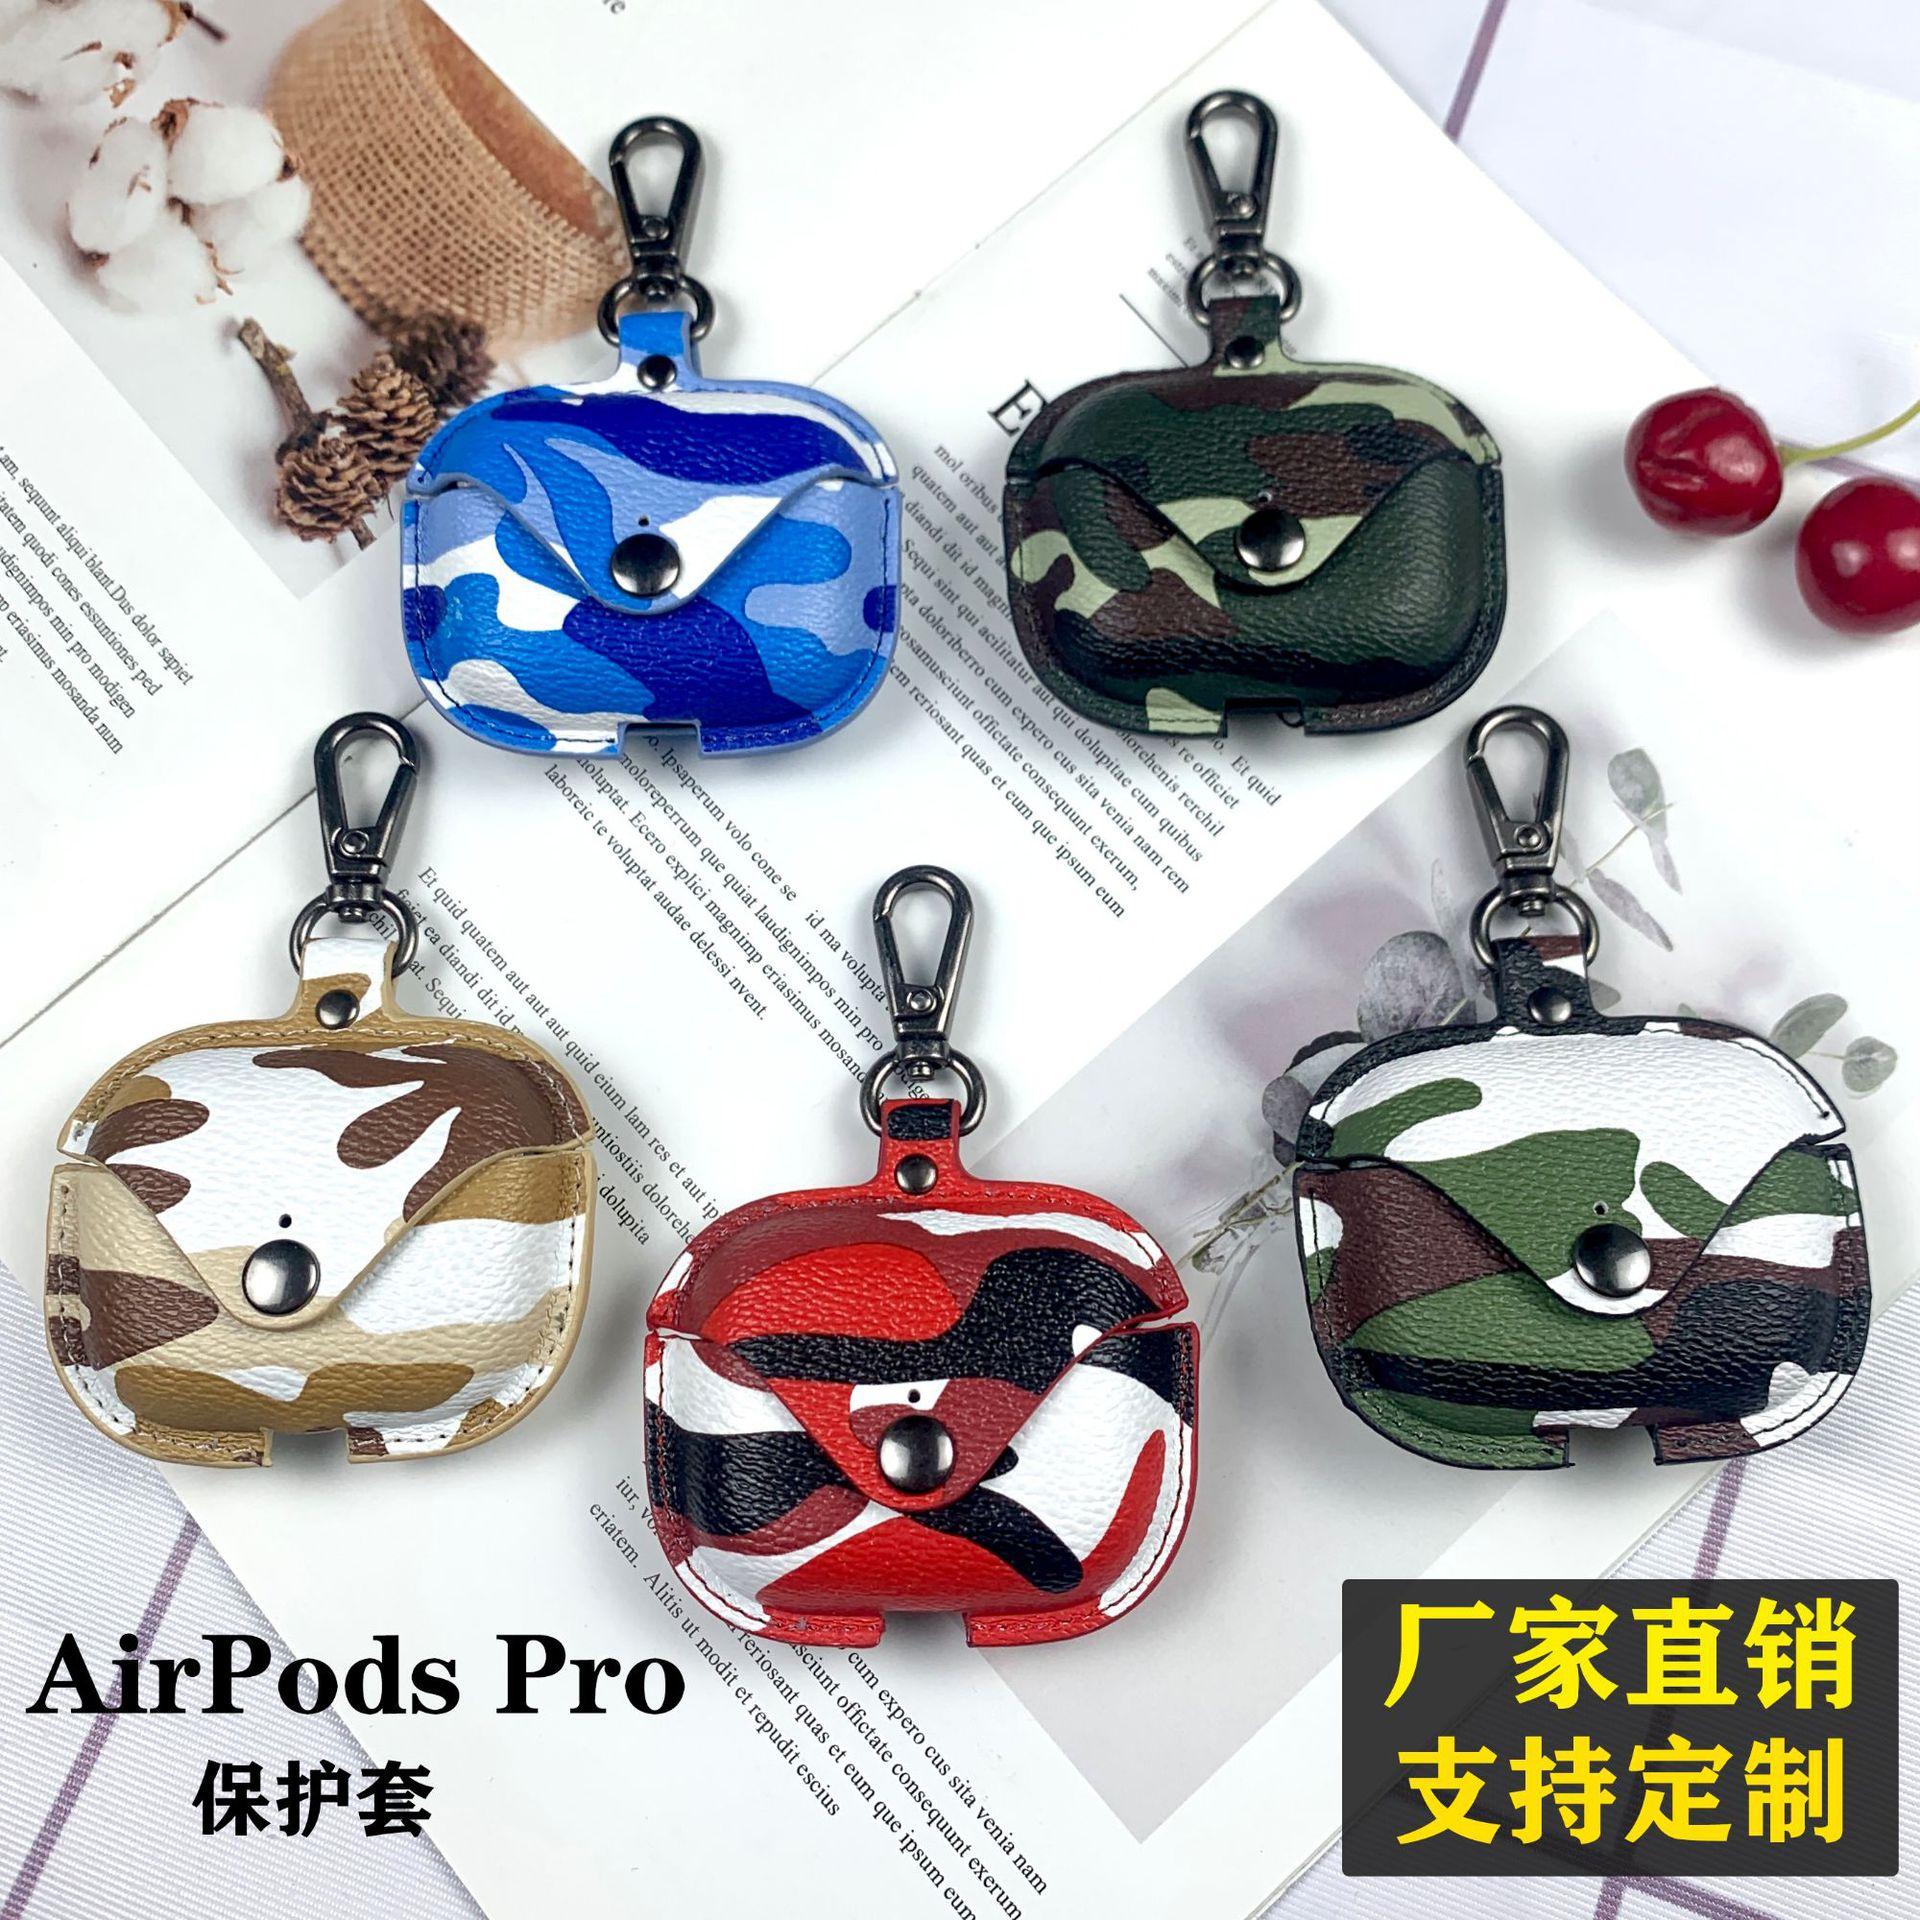 AirPods 2代迷彩耳机蓝牙套适用苹果AirPodspro3代防摔皮包保护套